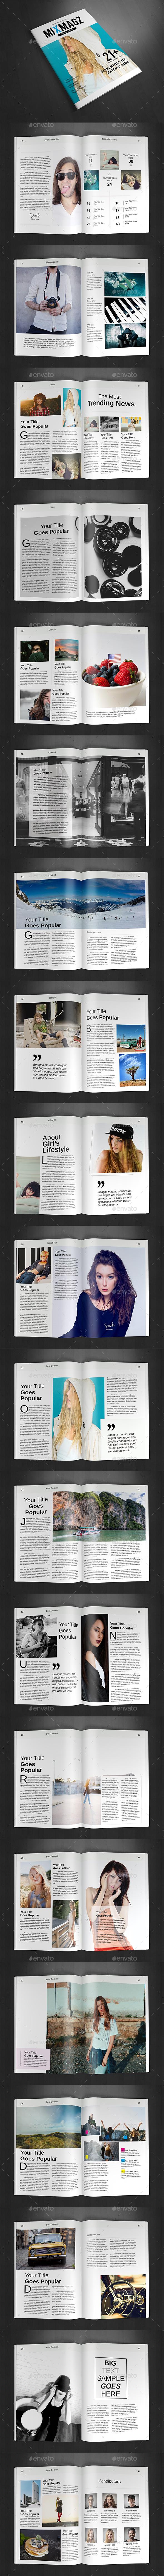 GraphicRiver A4 Magazine Template Vol.29 20437416